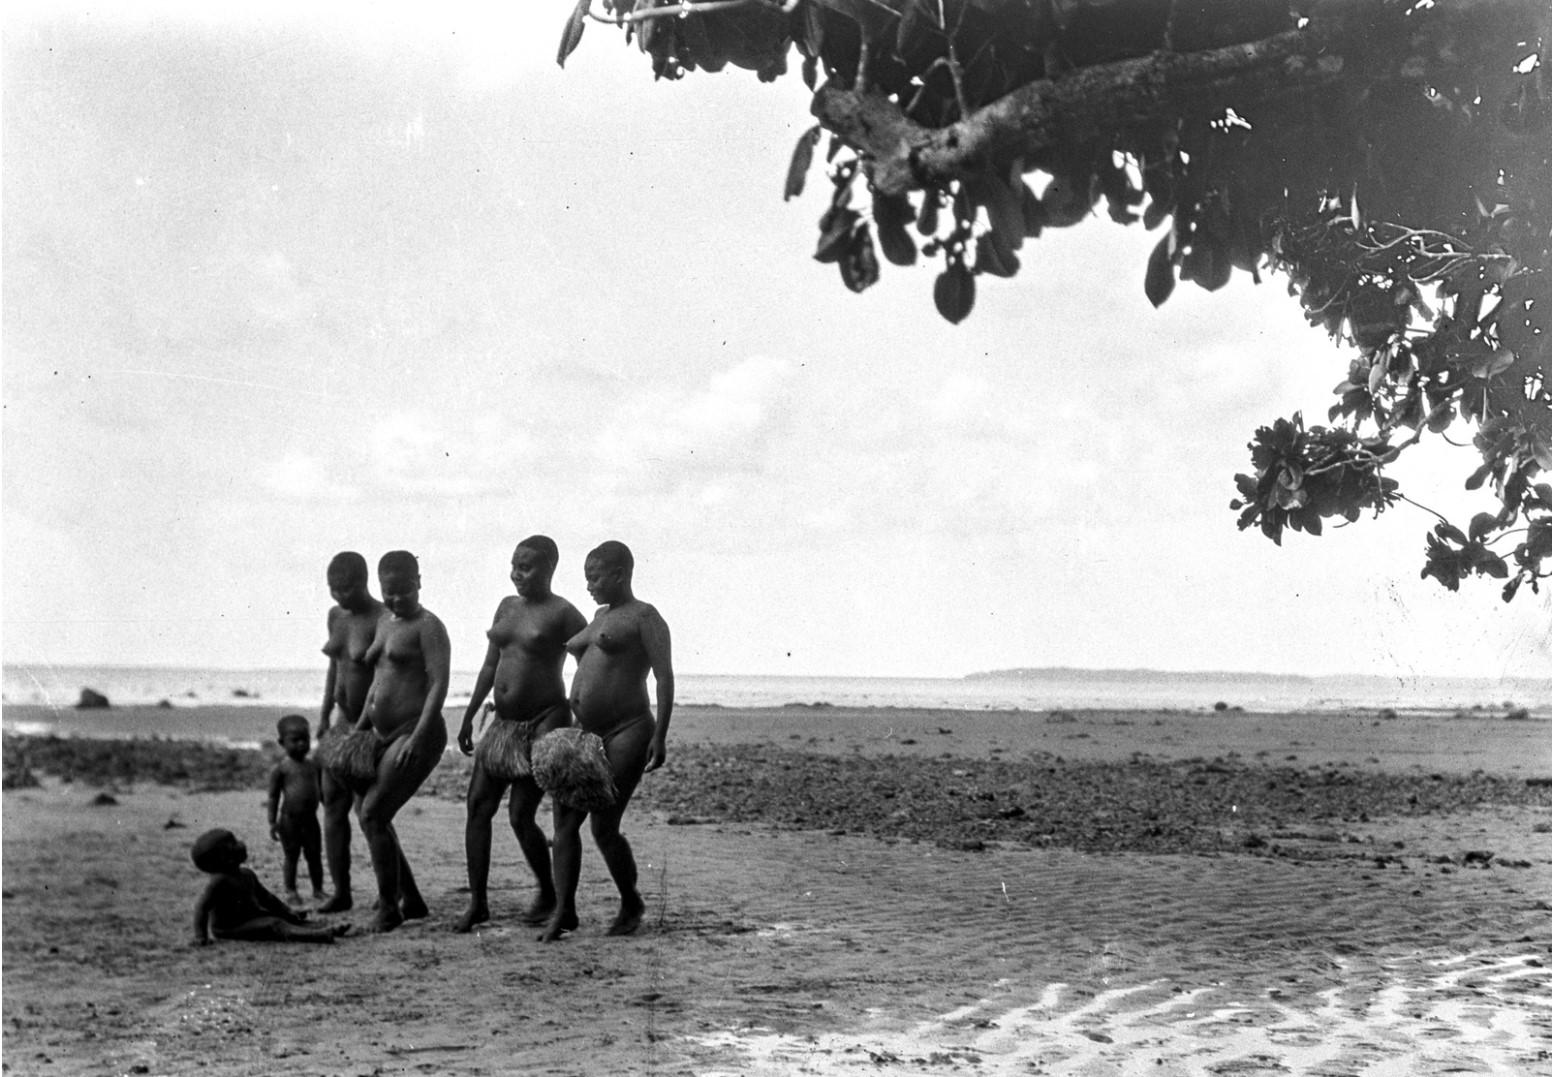 1203. Народность онге. Группа женщин танцует на берегу